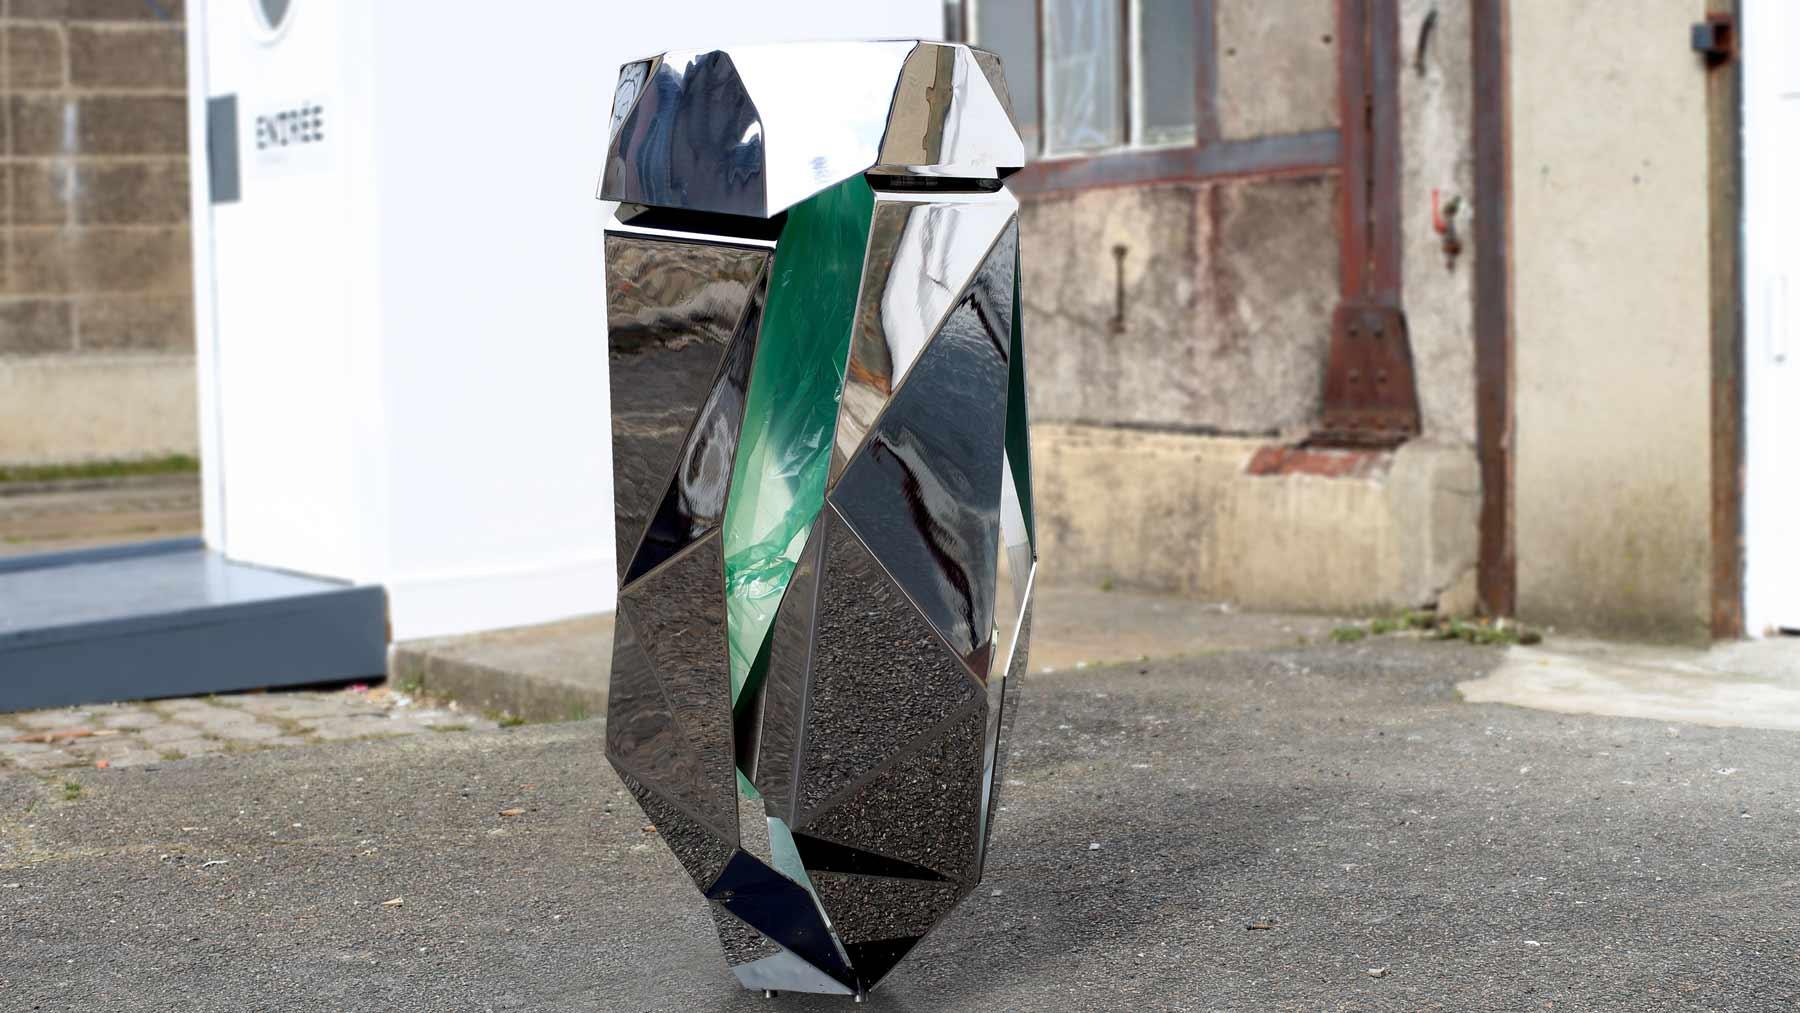 objets publics corbeille froissé poubelle ville design franck magné